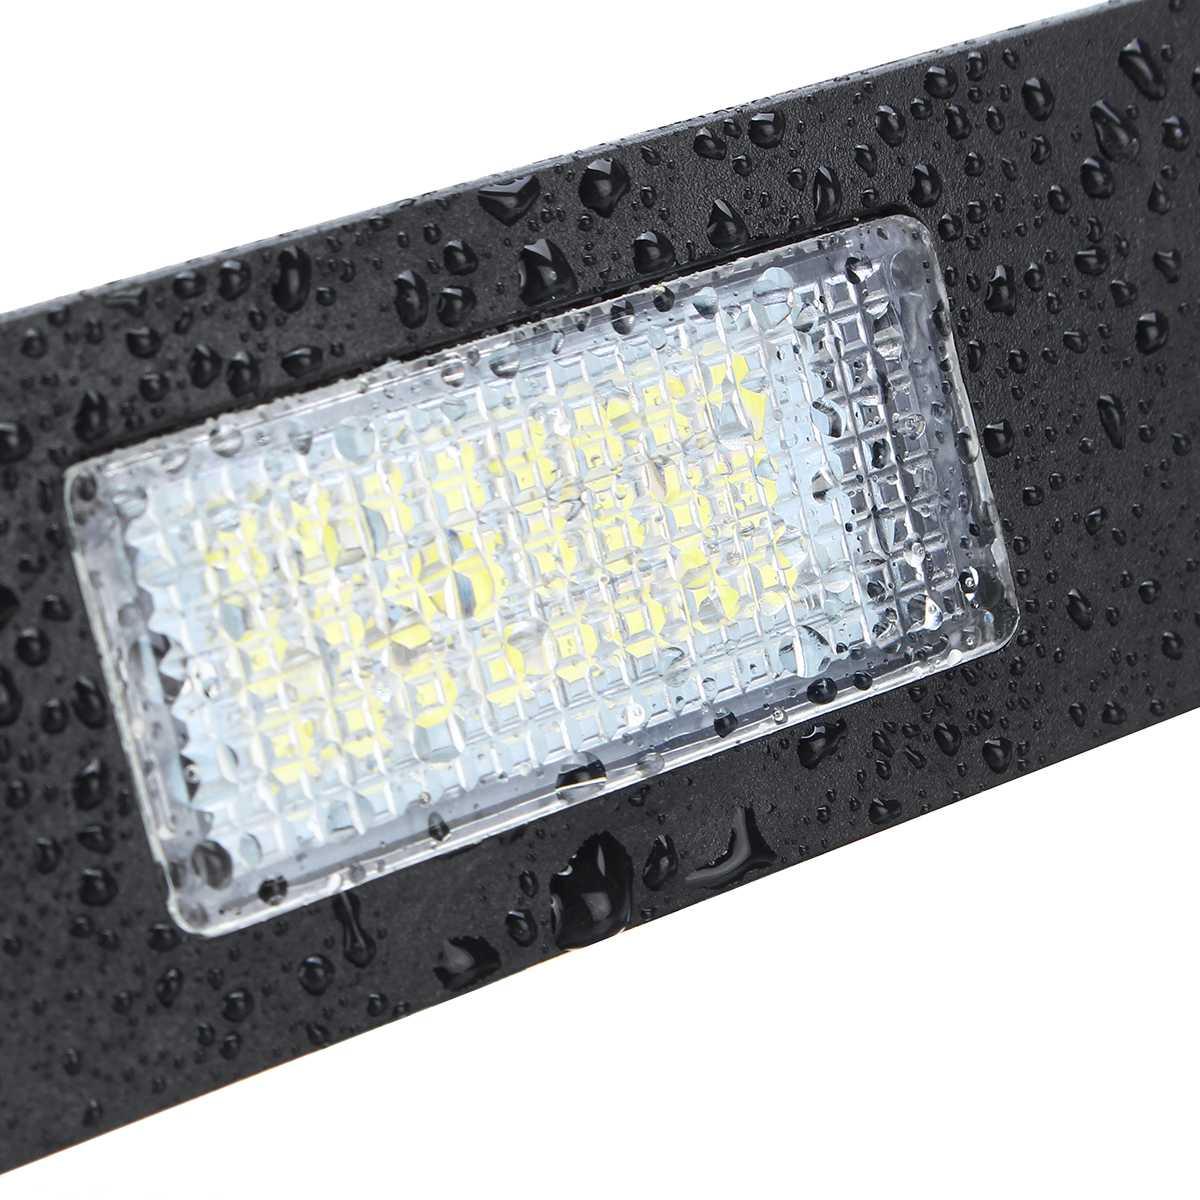 12V LED-Lizenz Kennzeichenleuchte Kein Fehler für BMW 1 Series 6 Series Z Series E81 E87 E63 E64 E85 E89 MINI